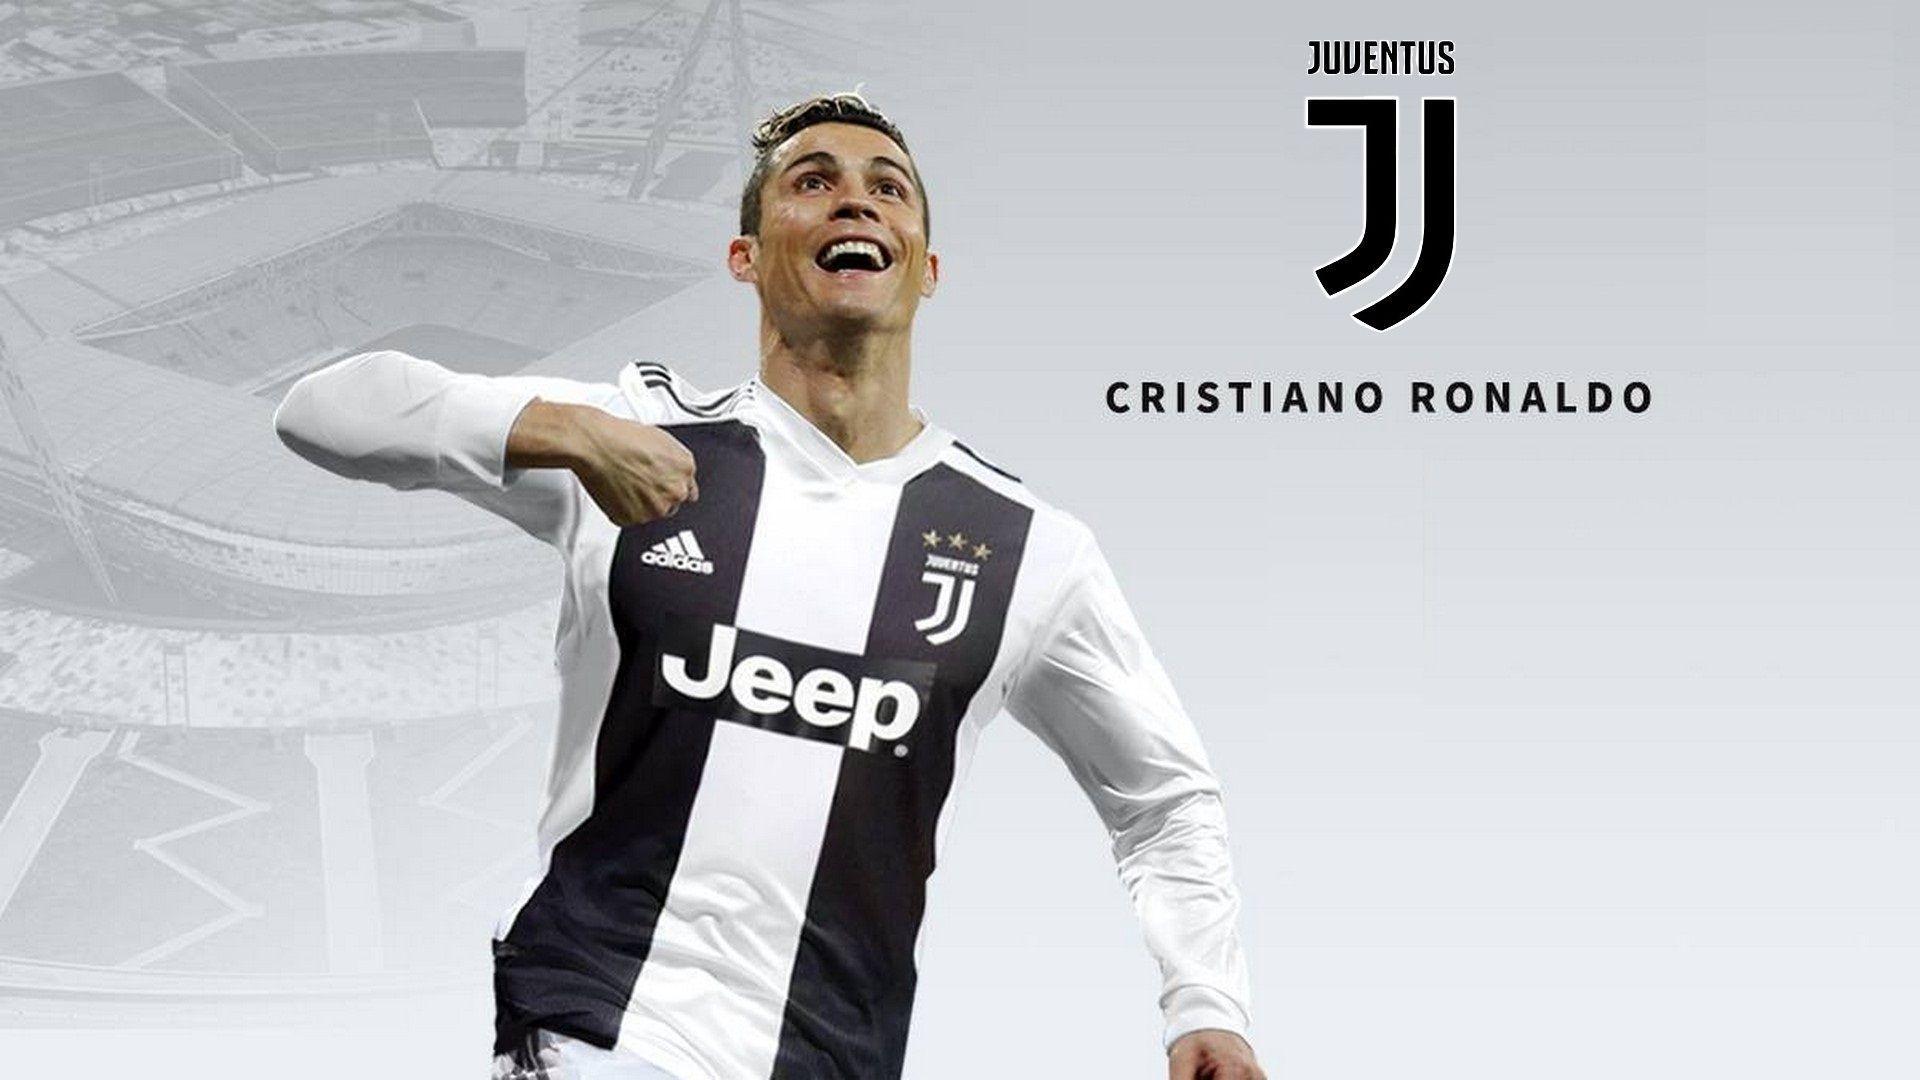 1920x1080 Cristiano Ronaldo Juventus Hình nền HD.  Bóng đá 2019